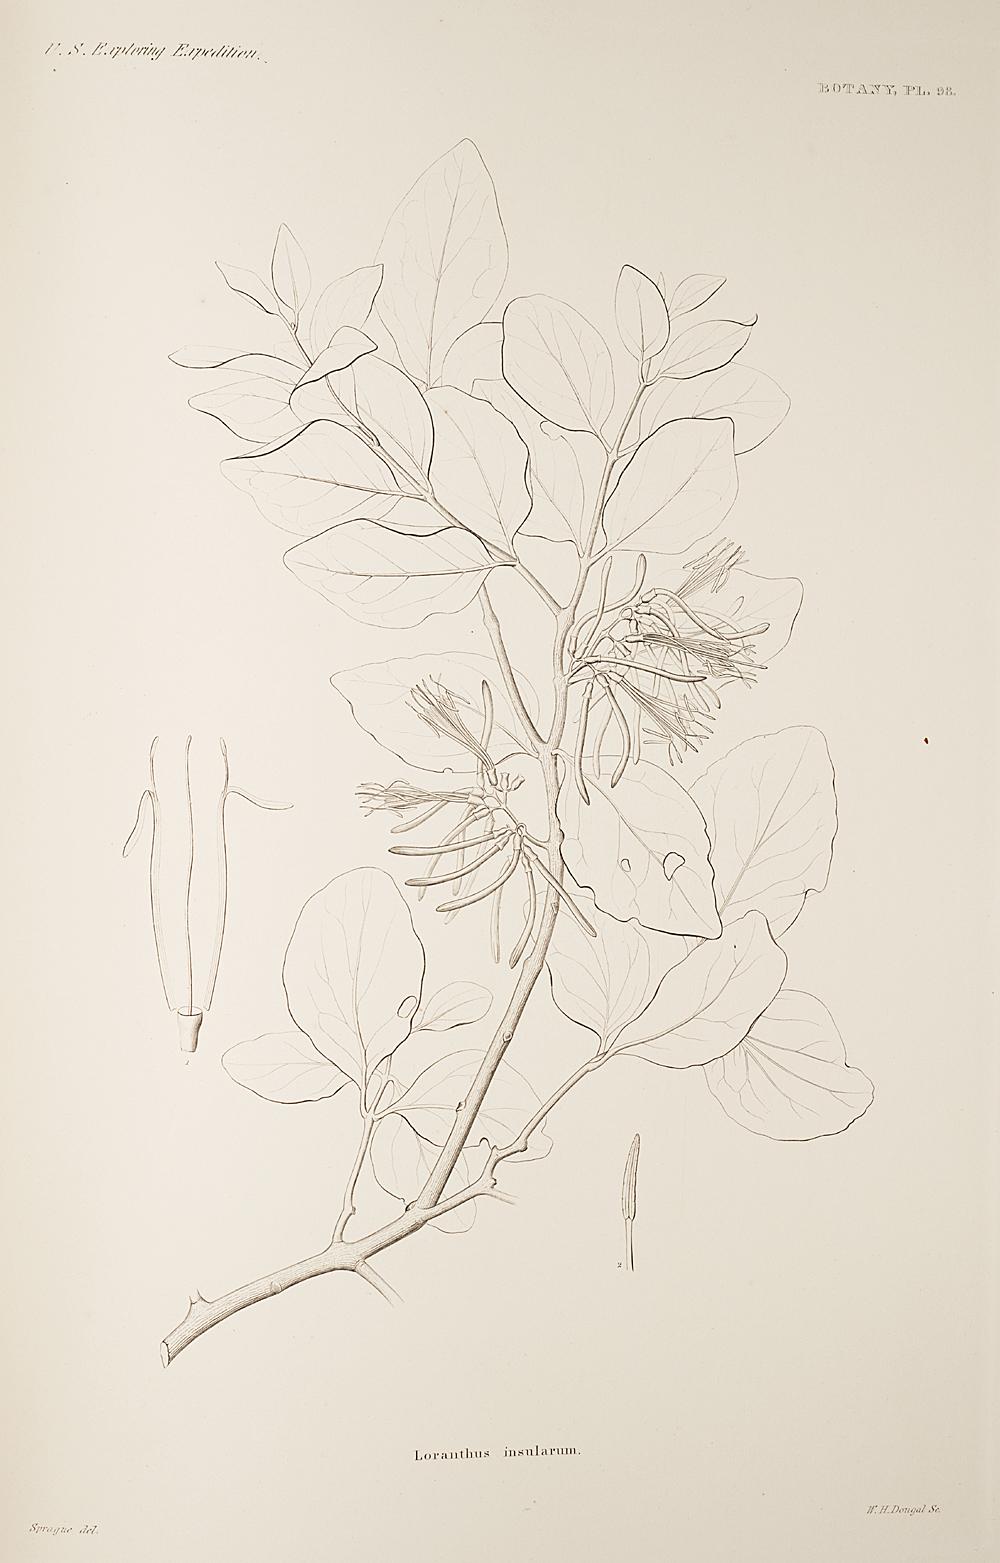 Botany, Pl. 98,  Image number:sil19-23-207b